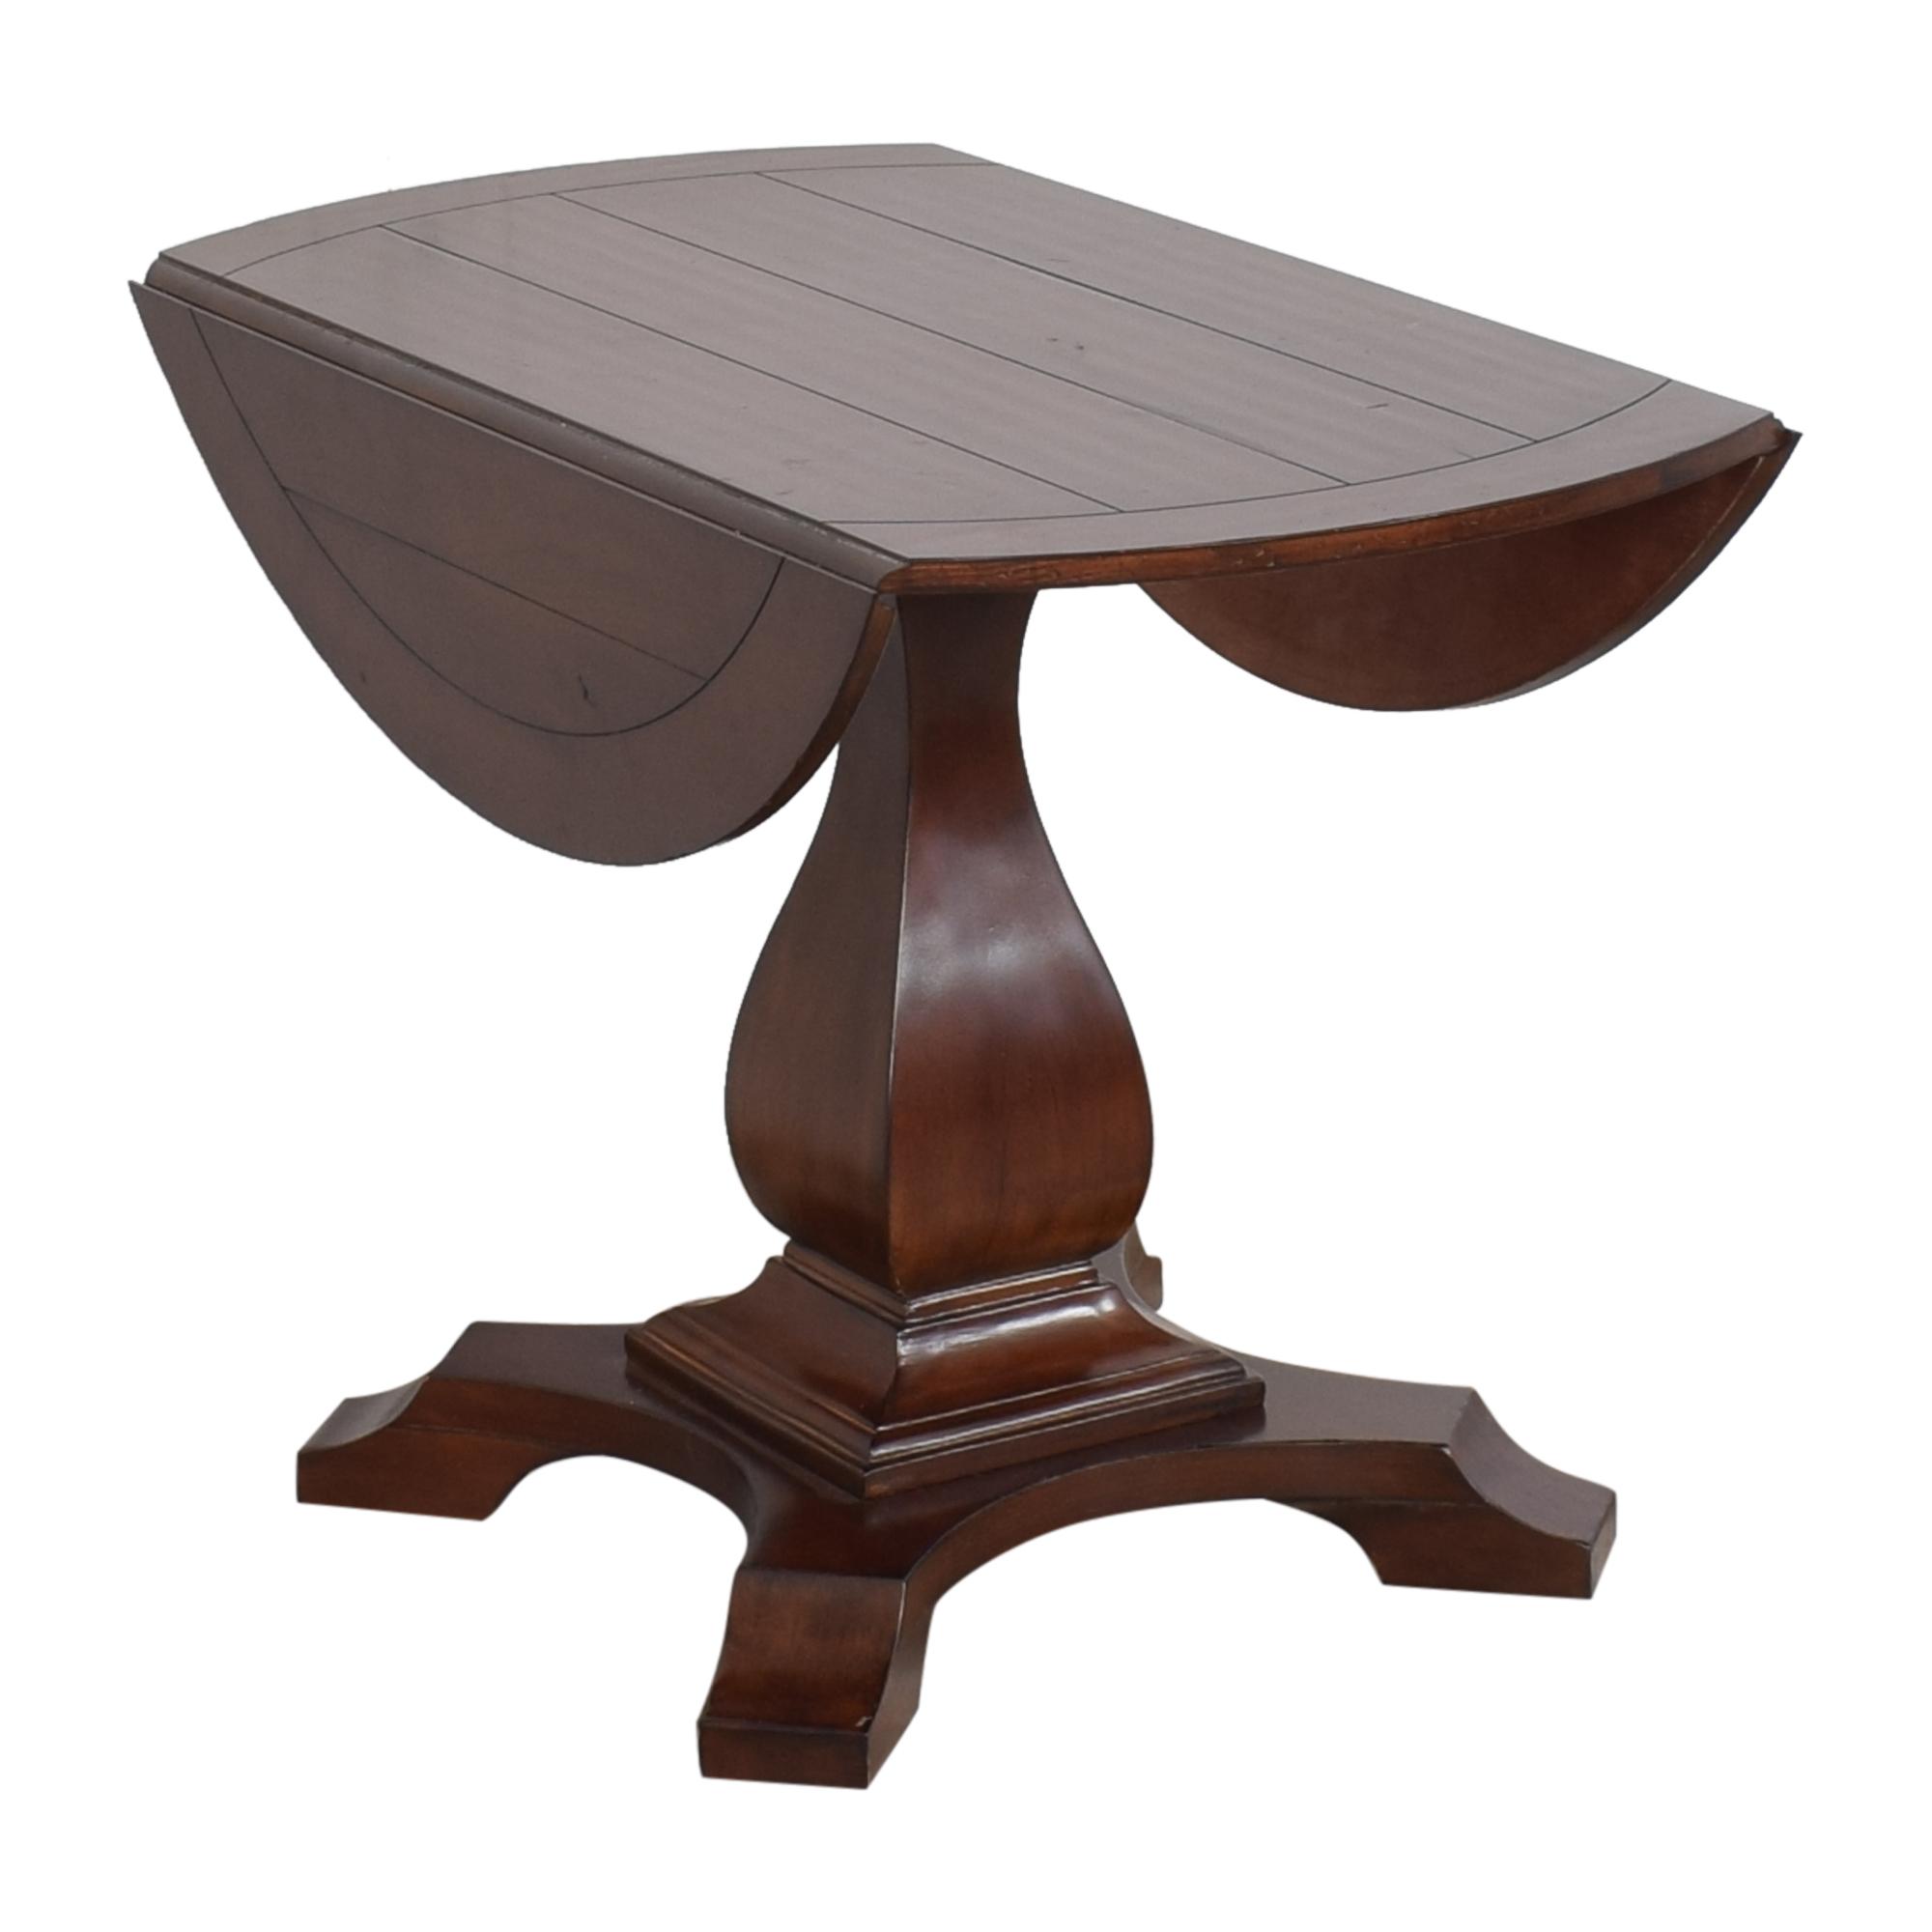 Hooker Furniture Hooker Furniture Waverly Drop Leaf Table on sale